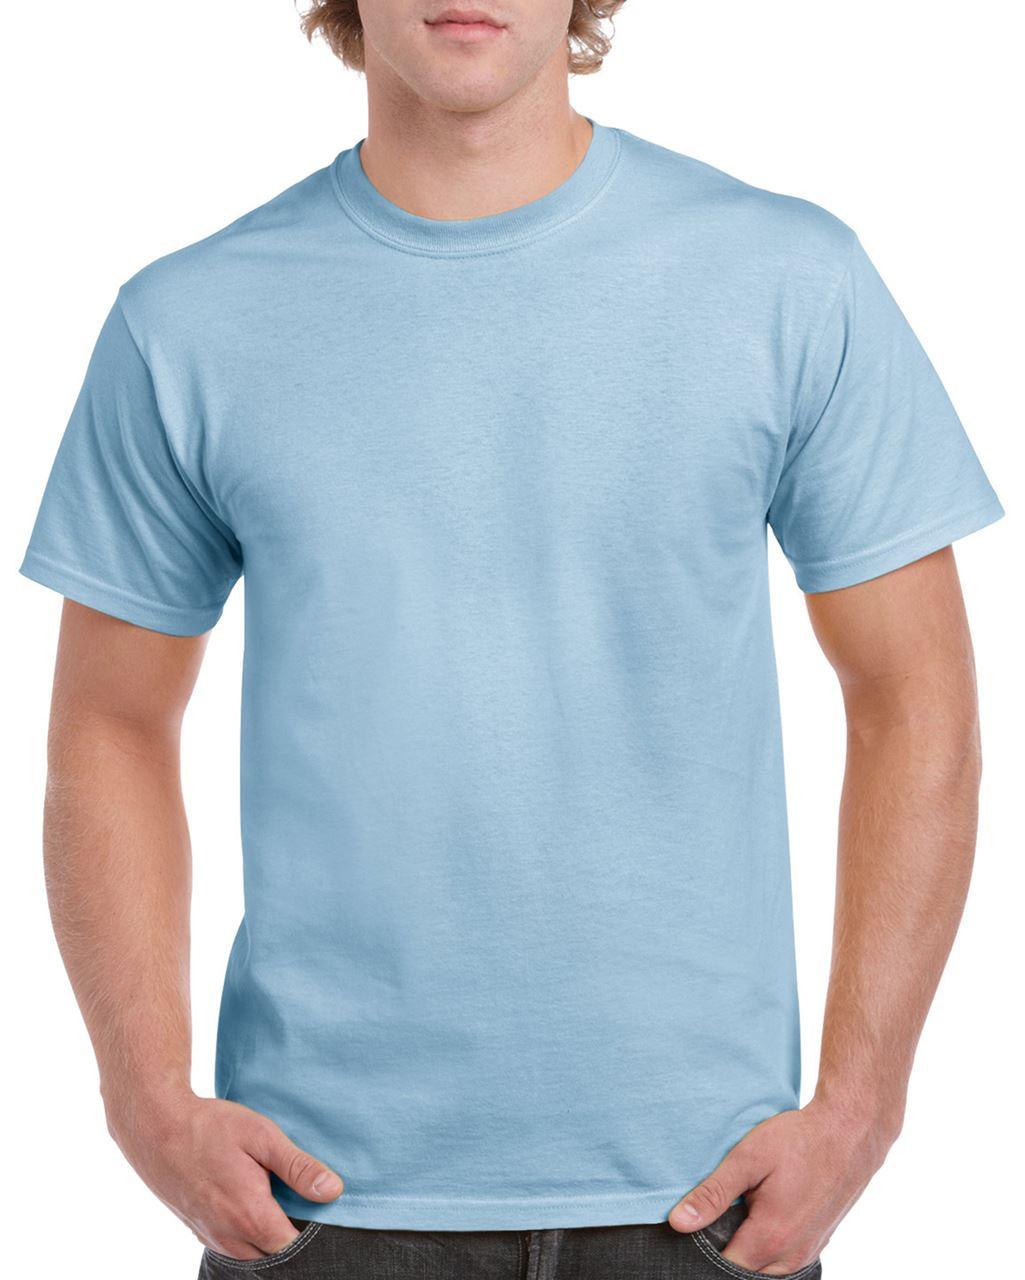 Levně Unisex tričko HEAVY COTTON – světle modrá, vel. L